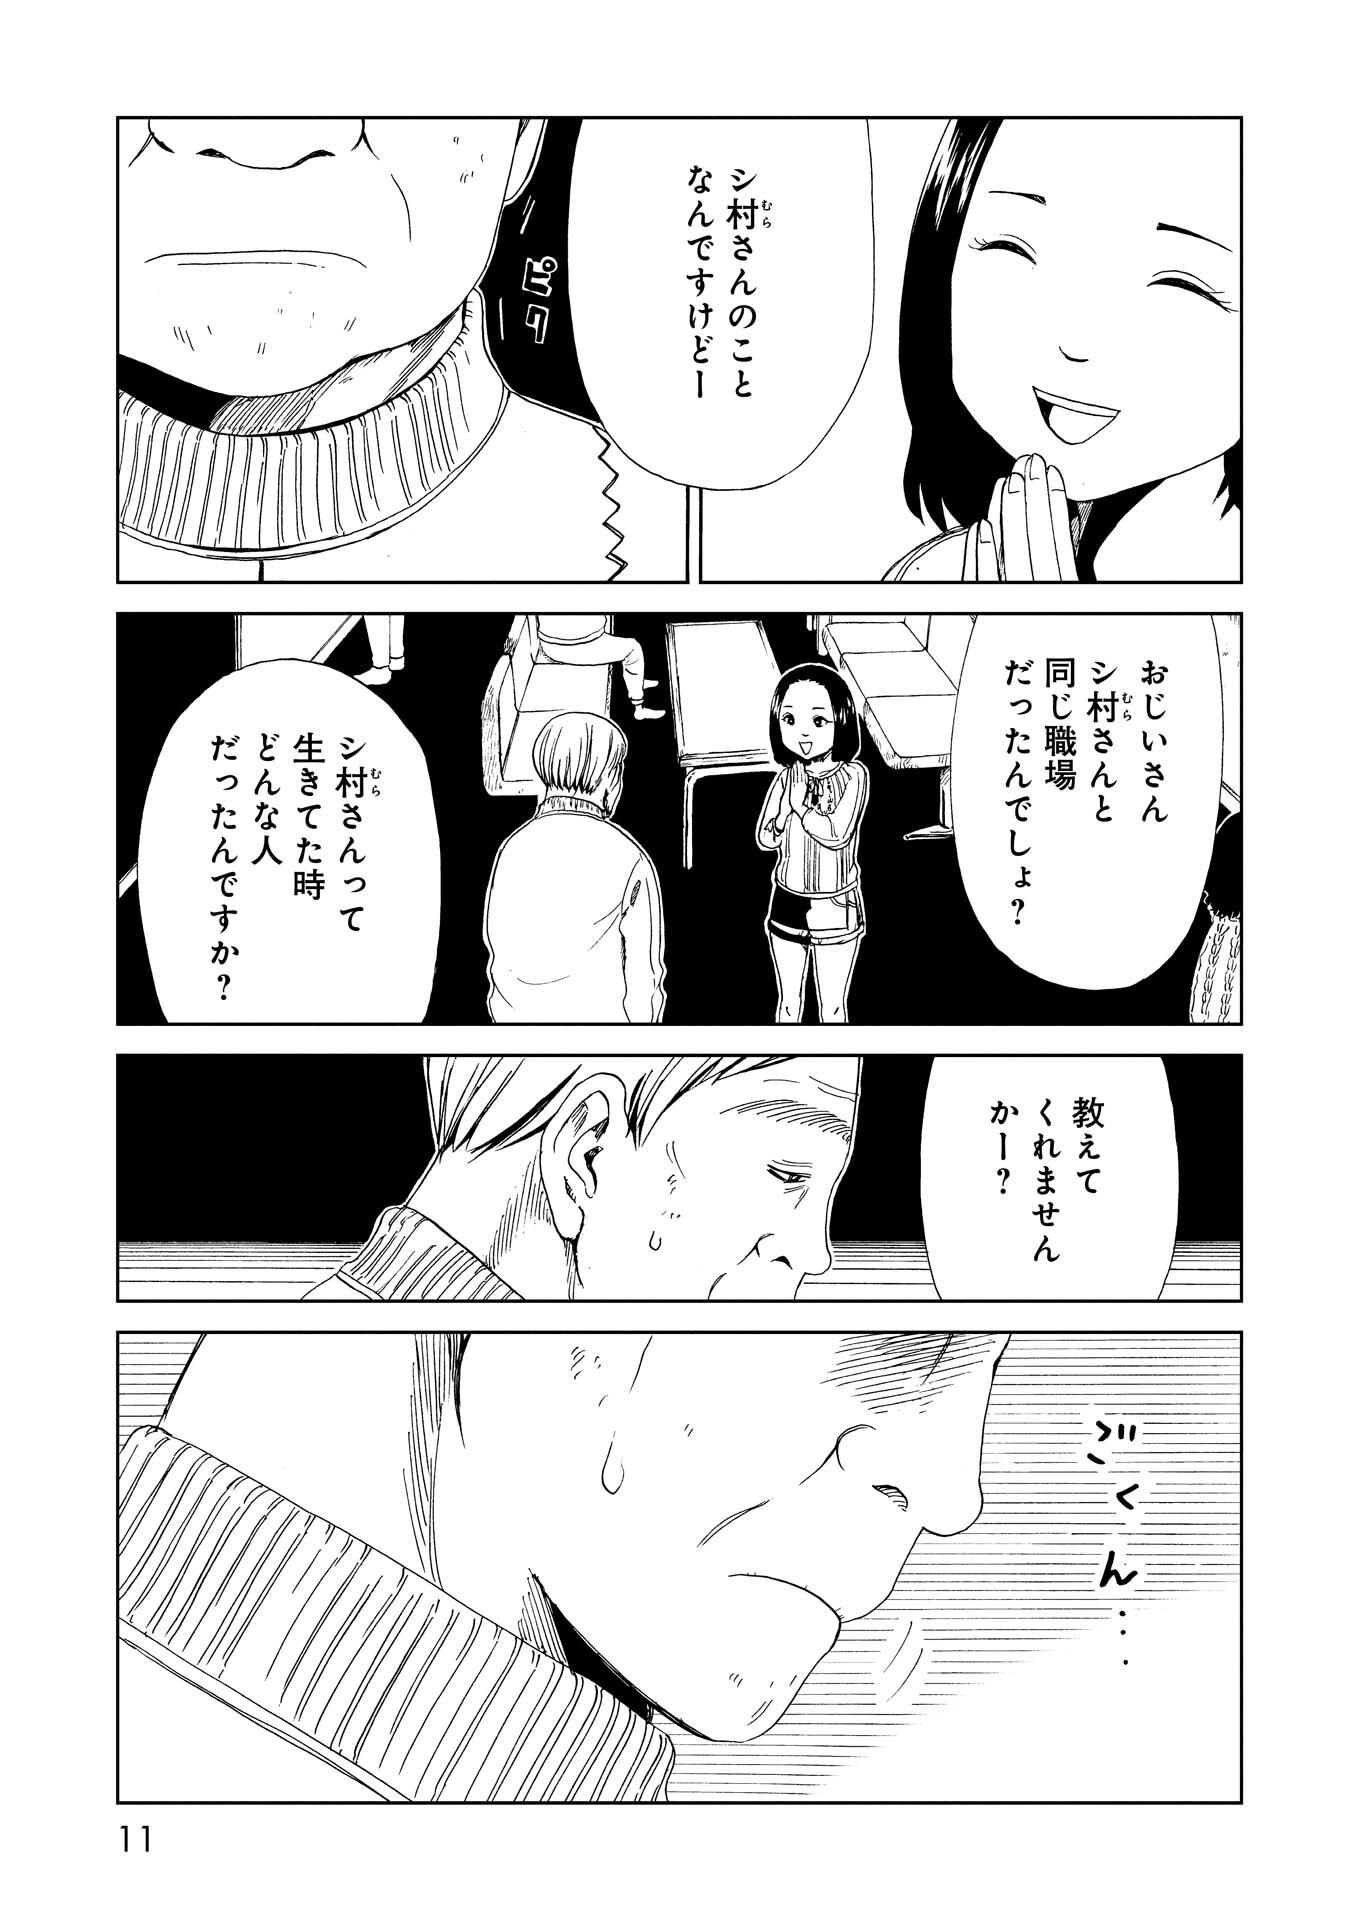 役所 ネタバレ 死 15 巻